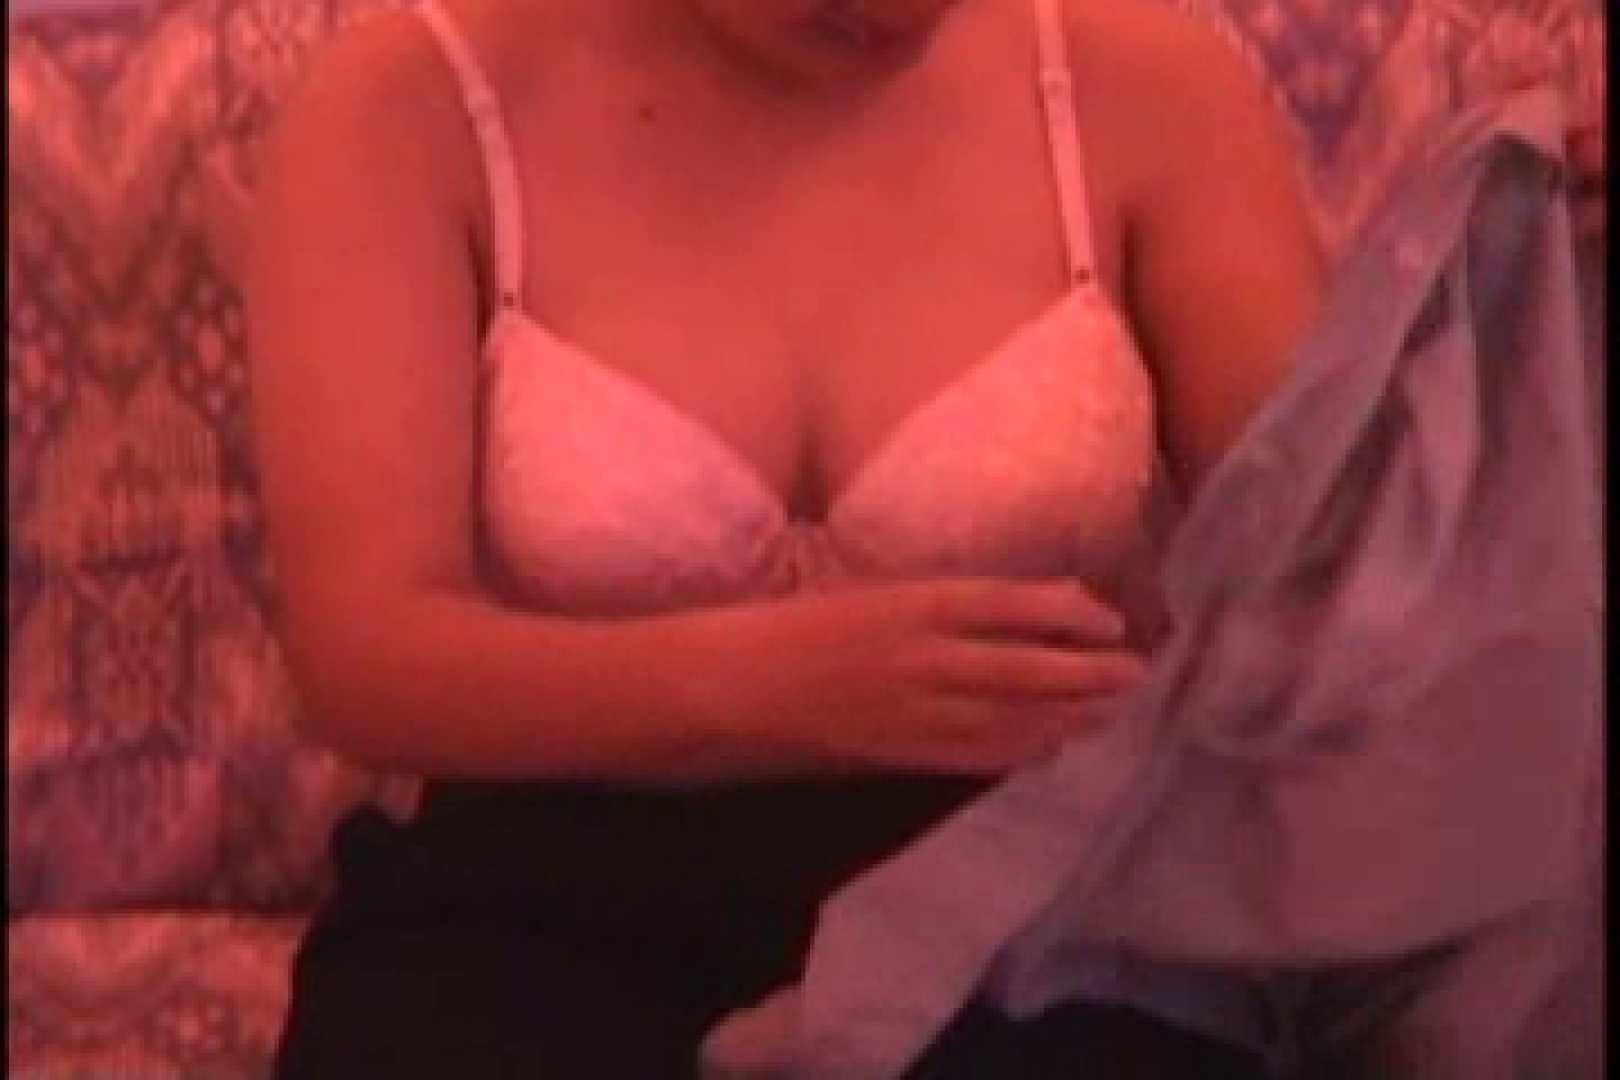 長野援助 かおりちゃん18歳 ギャル達のおっぱい | 一般投稿  87画像 11